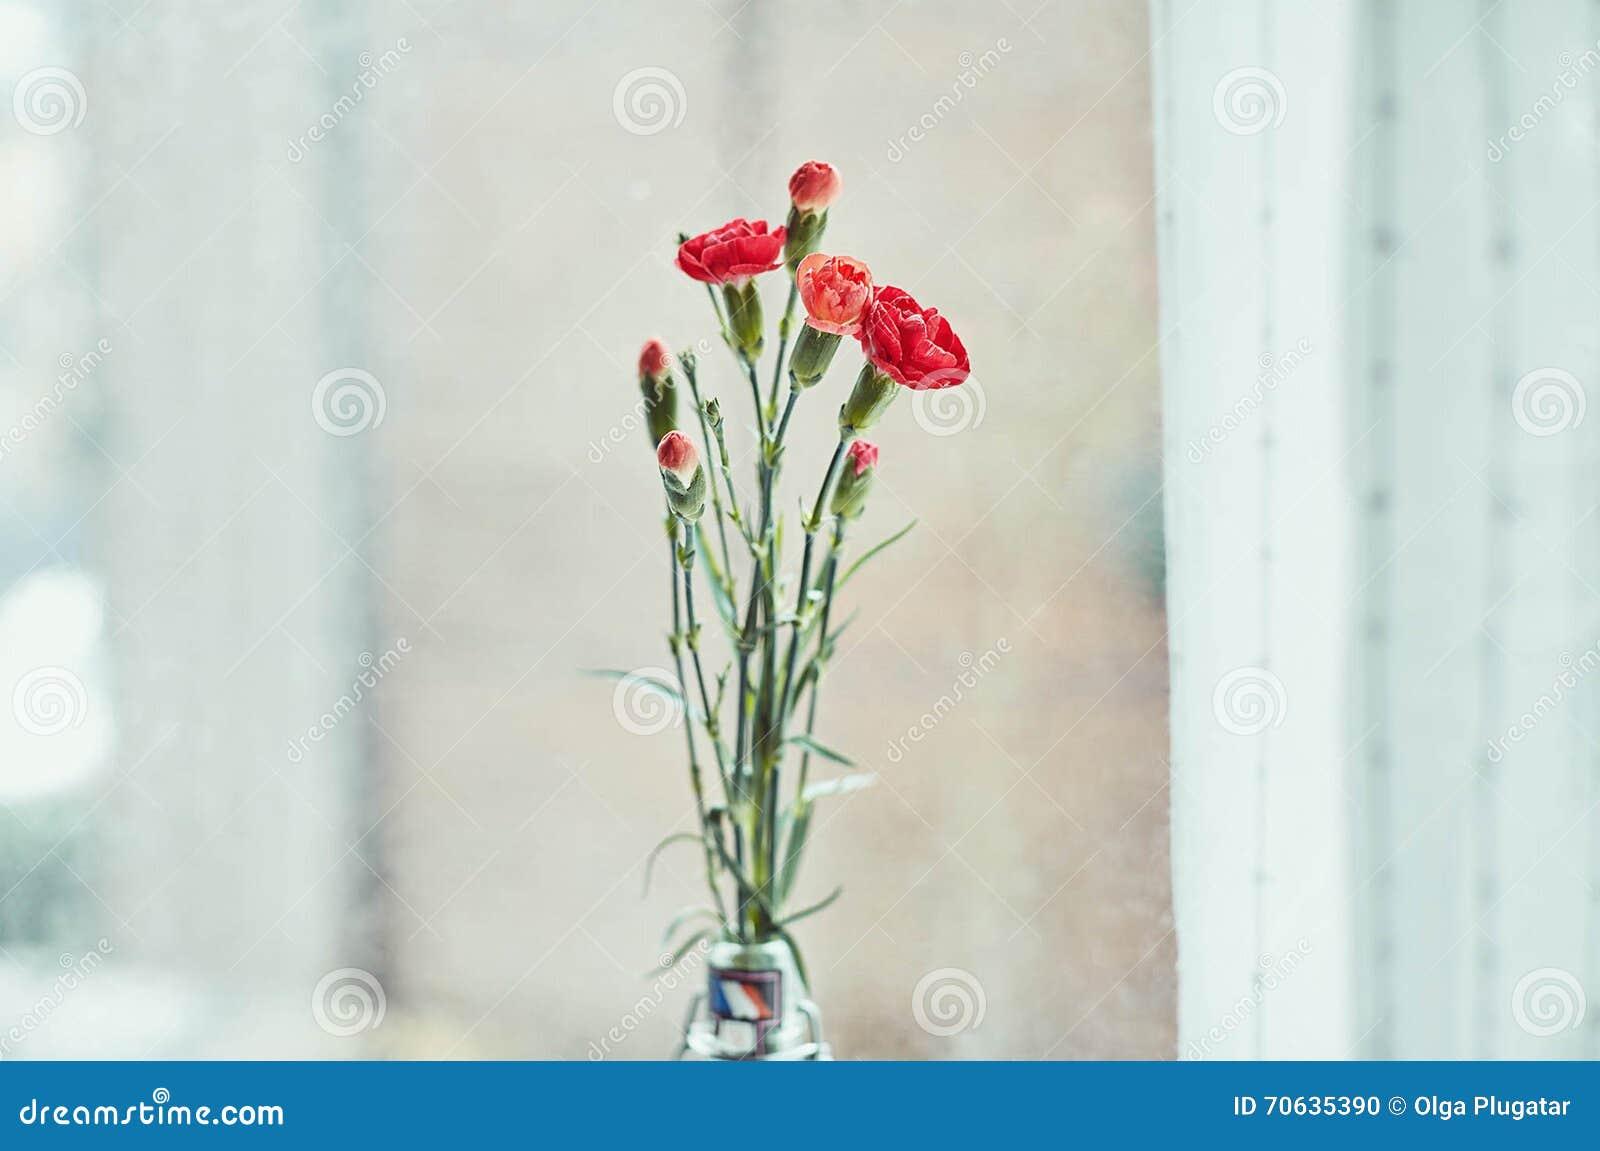 Bukett av röda nejlikor vid fönstret